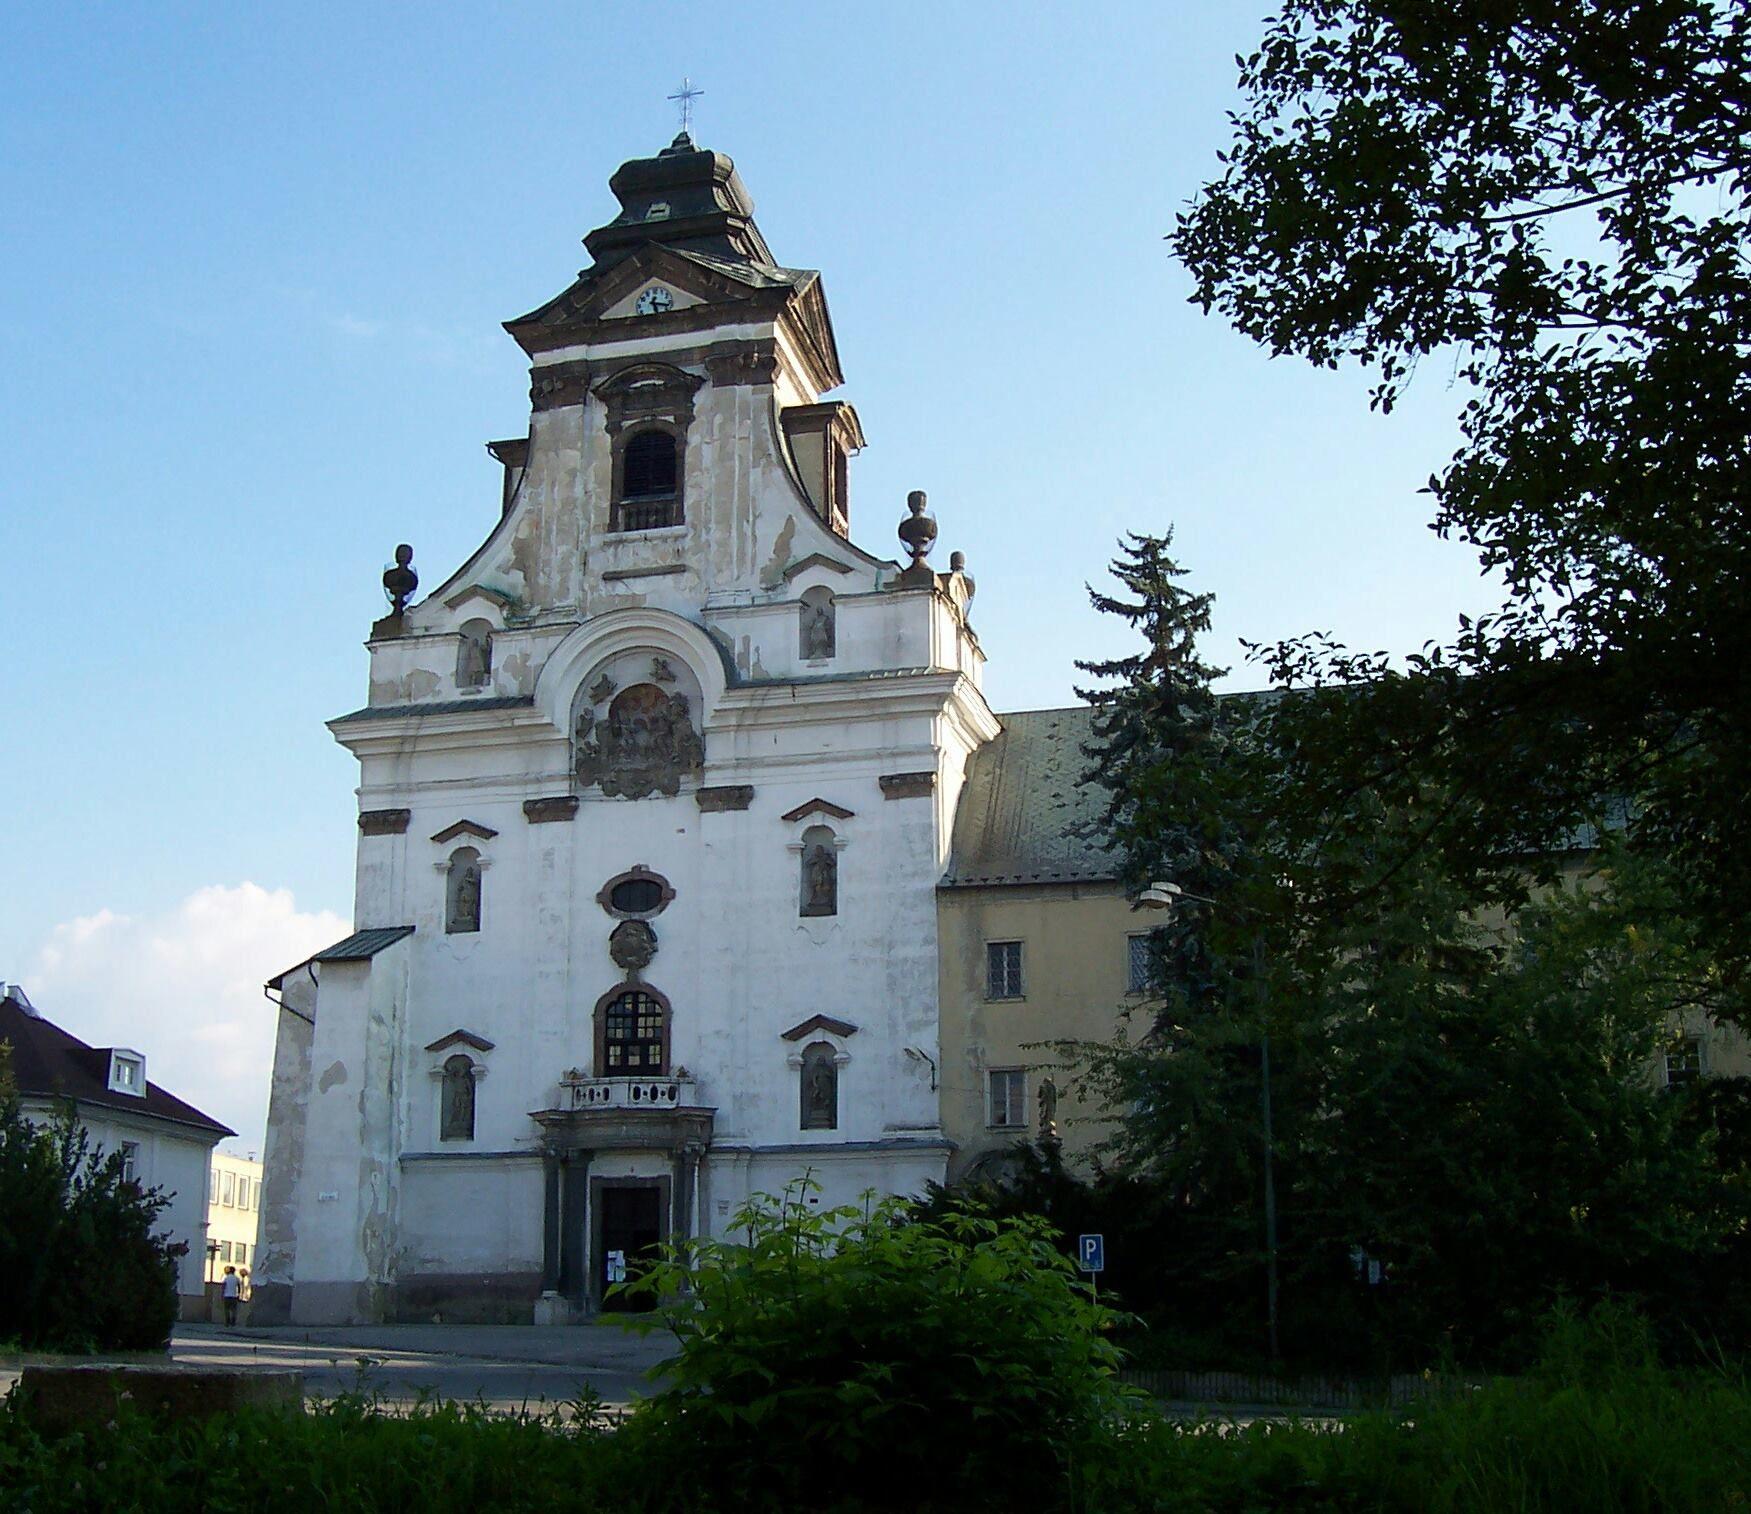 Kostol Najsvätejšej Trojice a Nanebovzatia Panny Márie známy aj ako Piaristický kostol v Prievidzi. S výstavbou sa začalo v roku 1666.